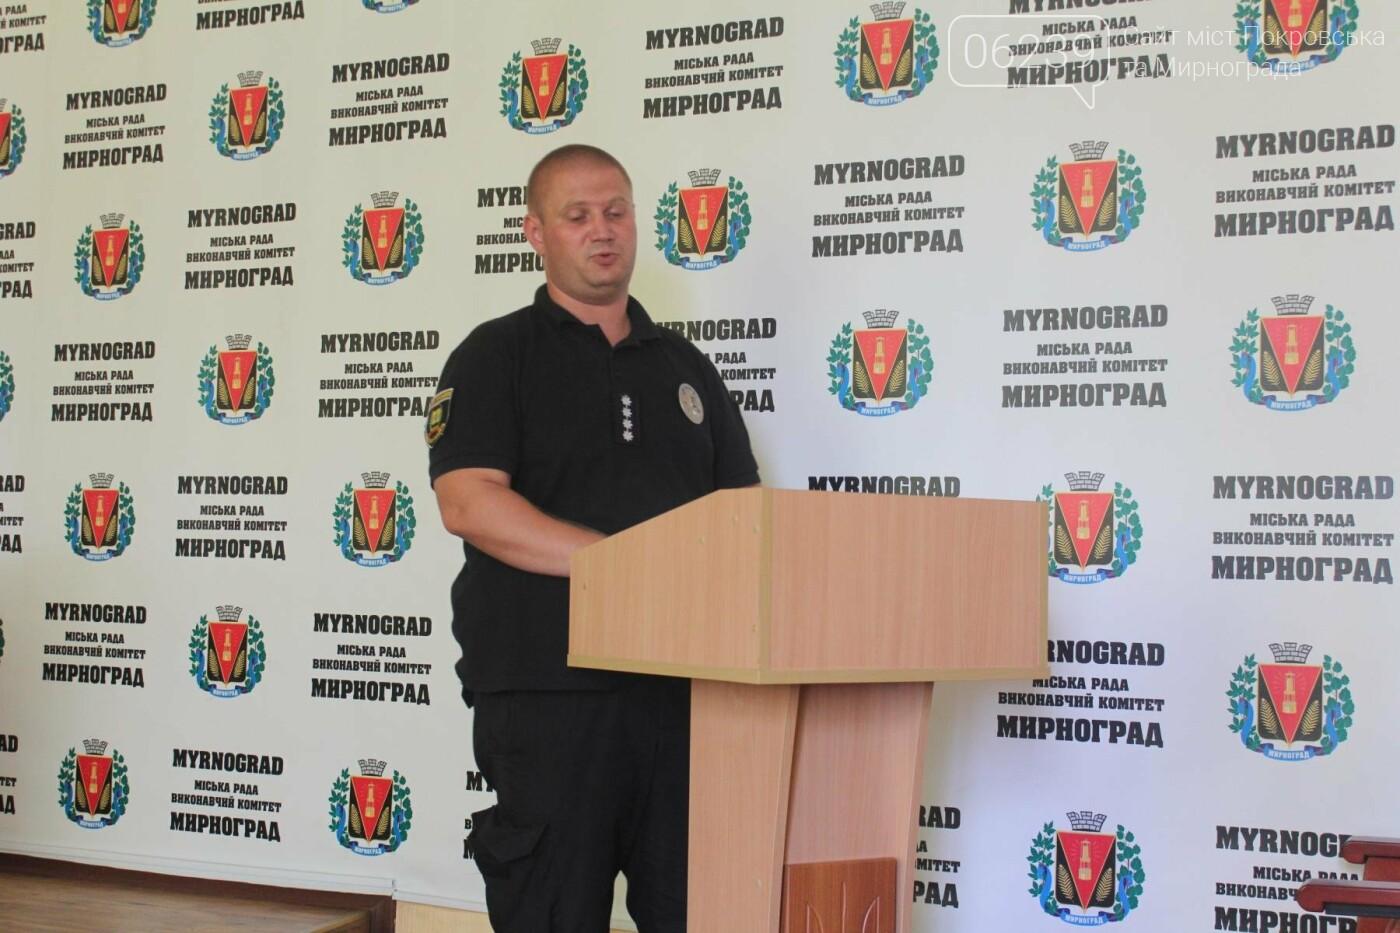 149 заявлений про криминальные правонарушения: оперативная обстановка в Мирнограде за прошедшую неделю, фото-1